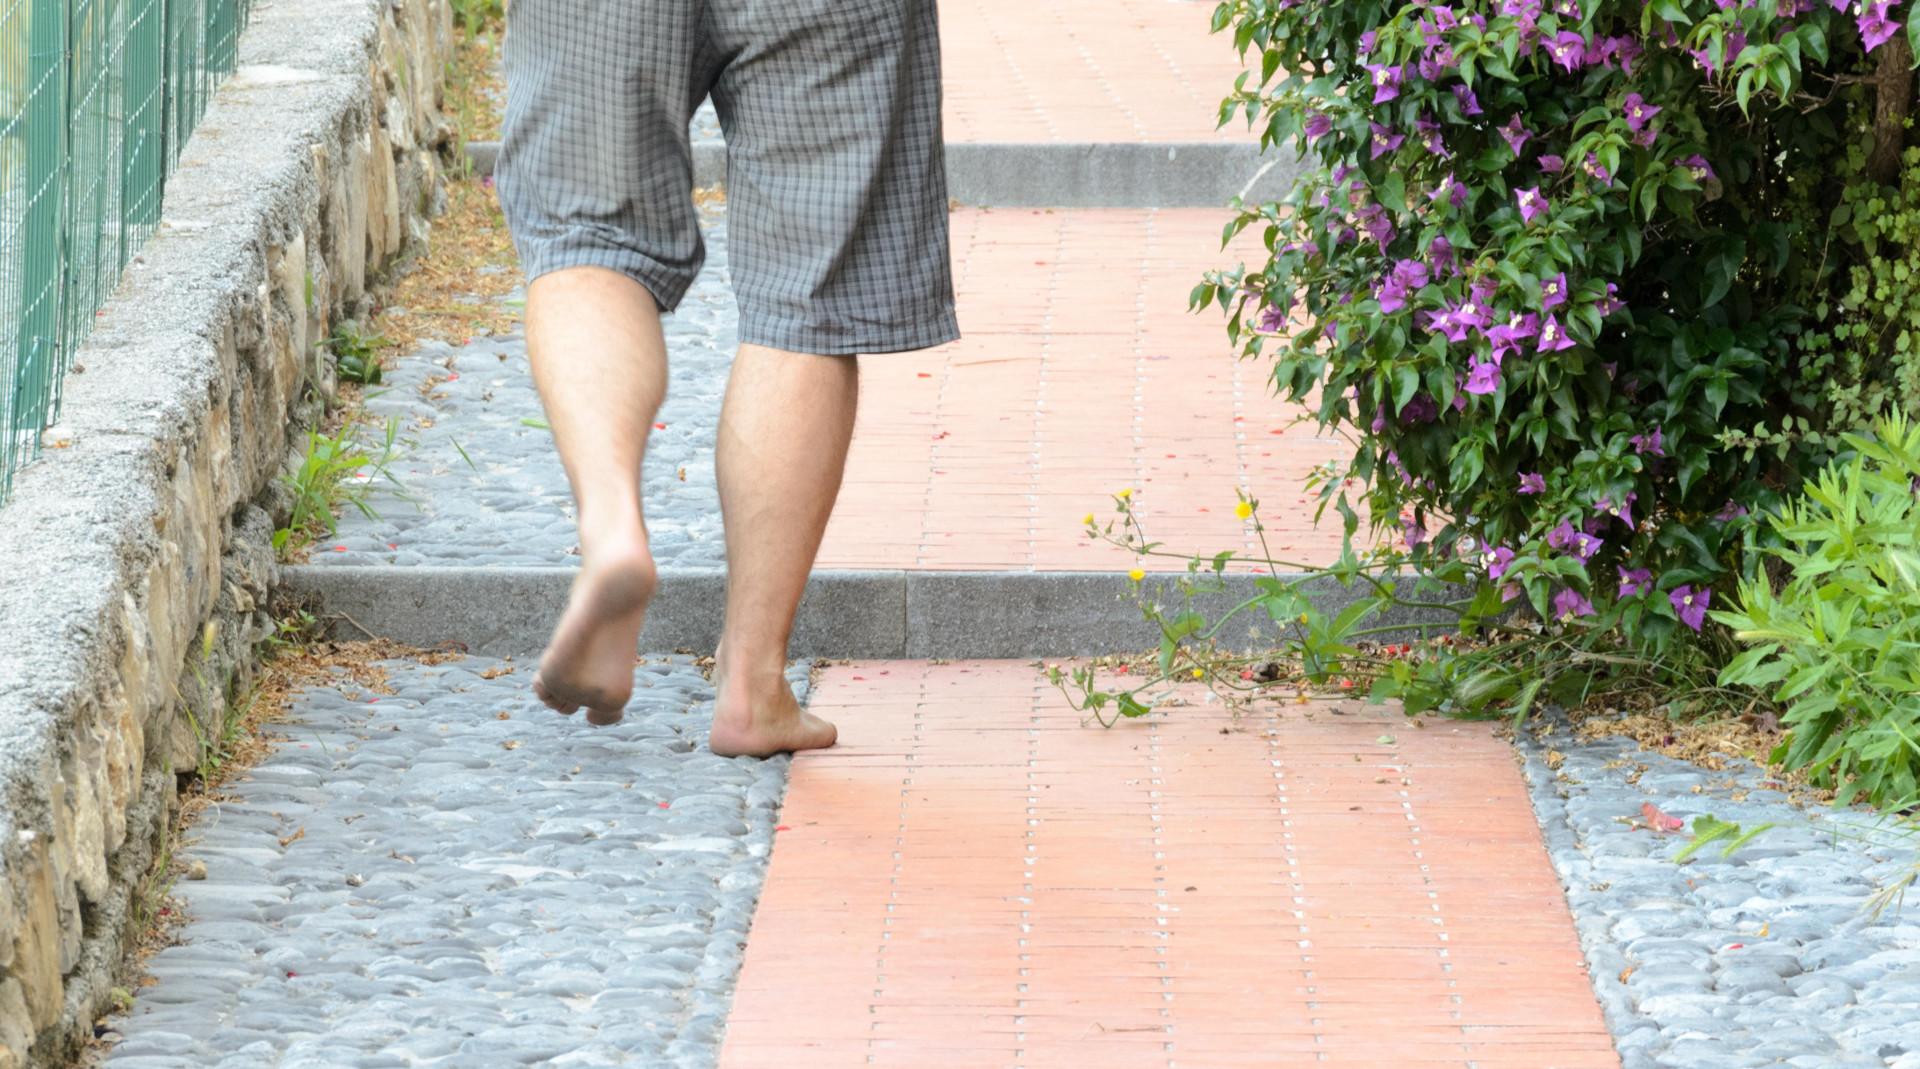 Kráčanie naboso po meste po dlažbe z kameňov